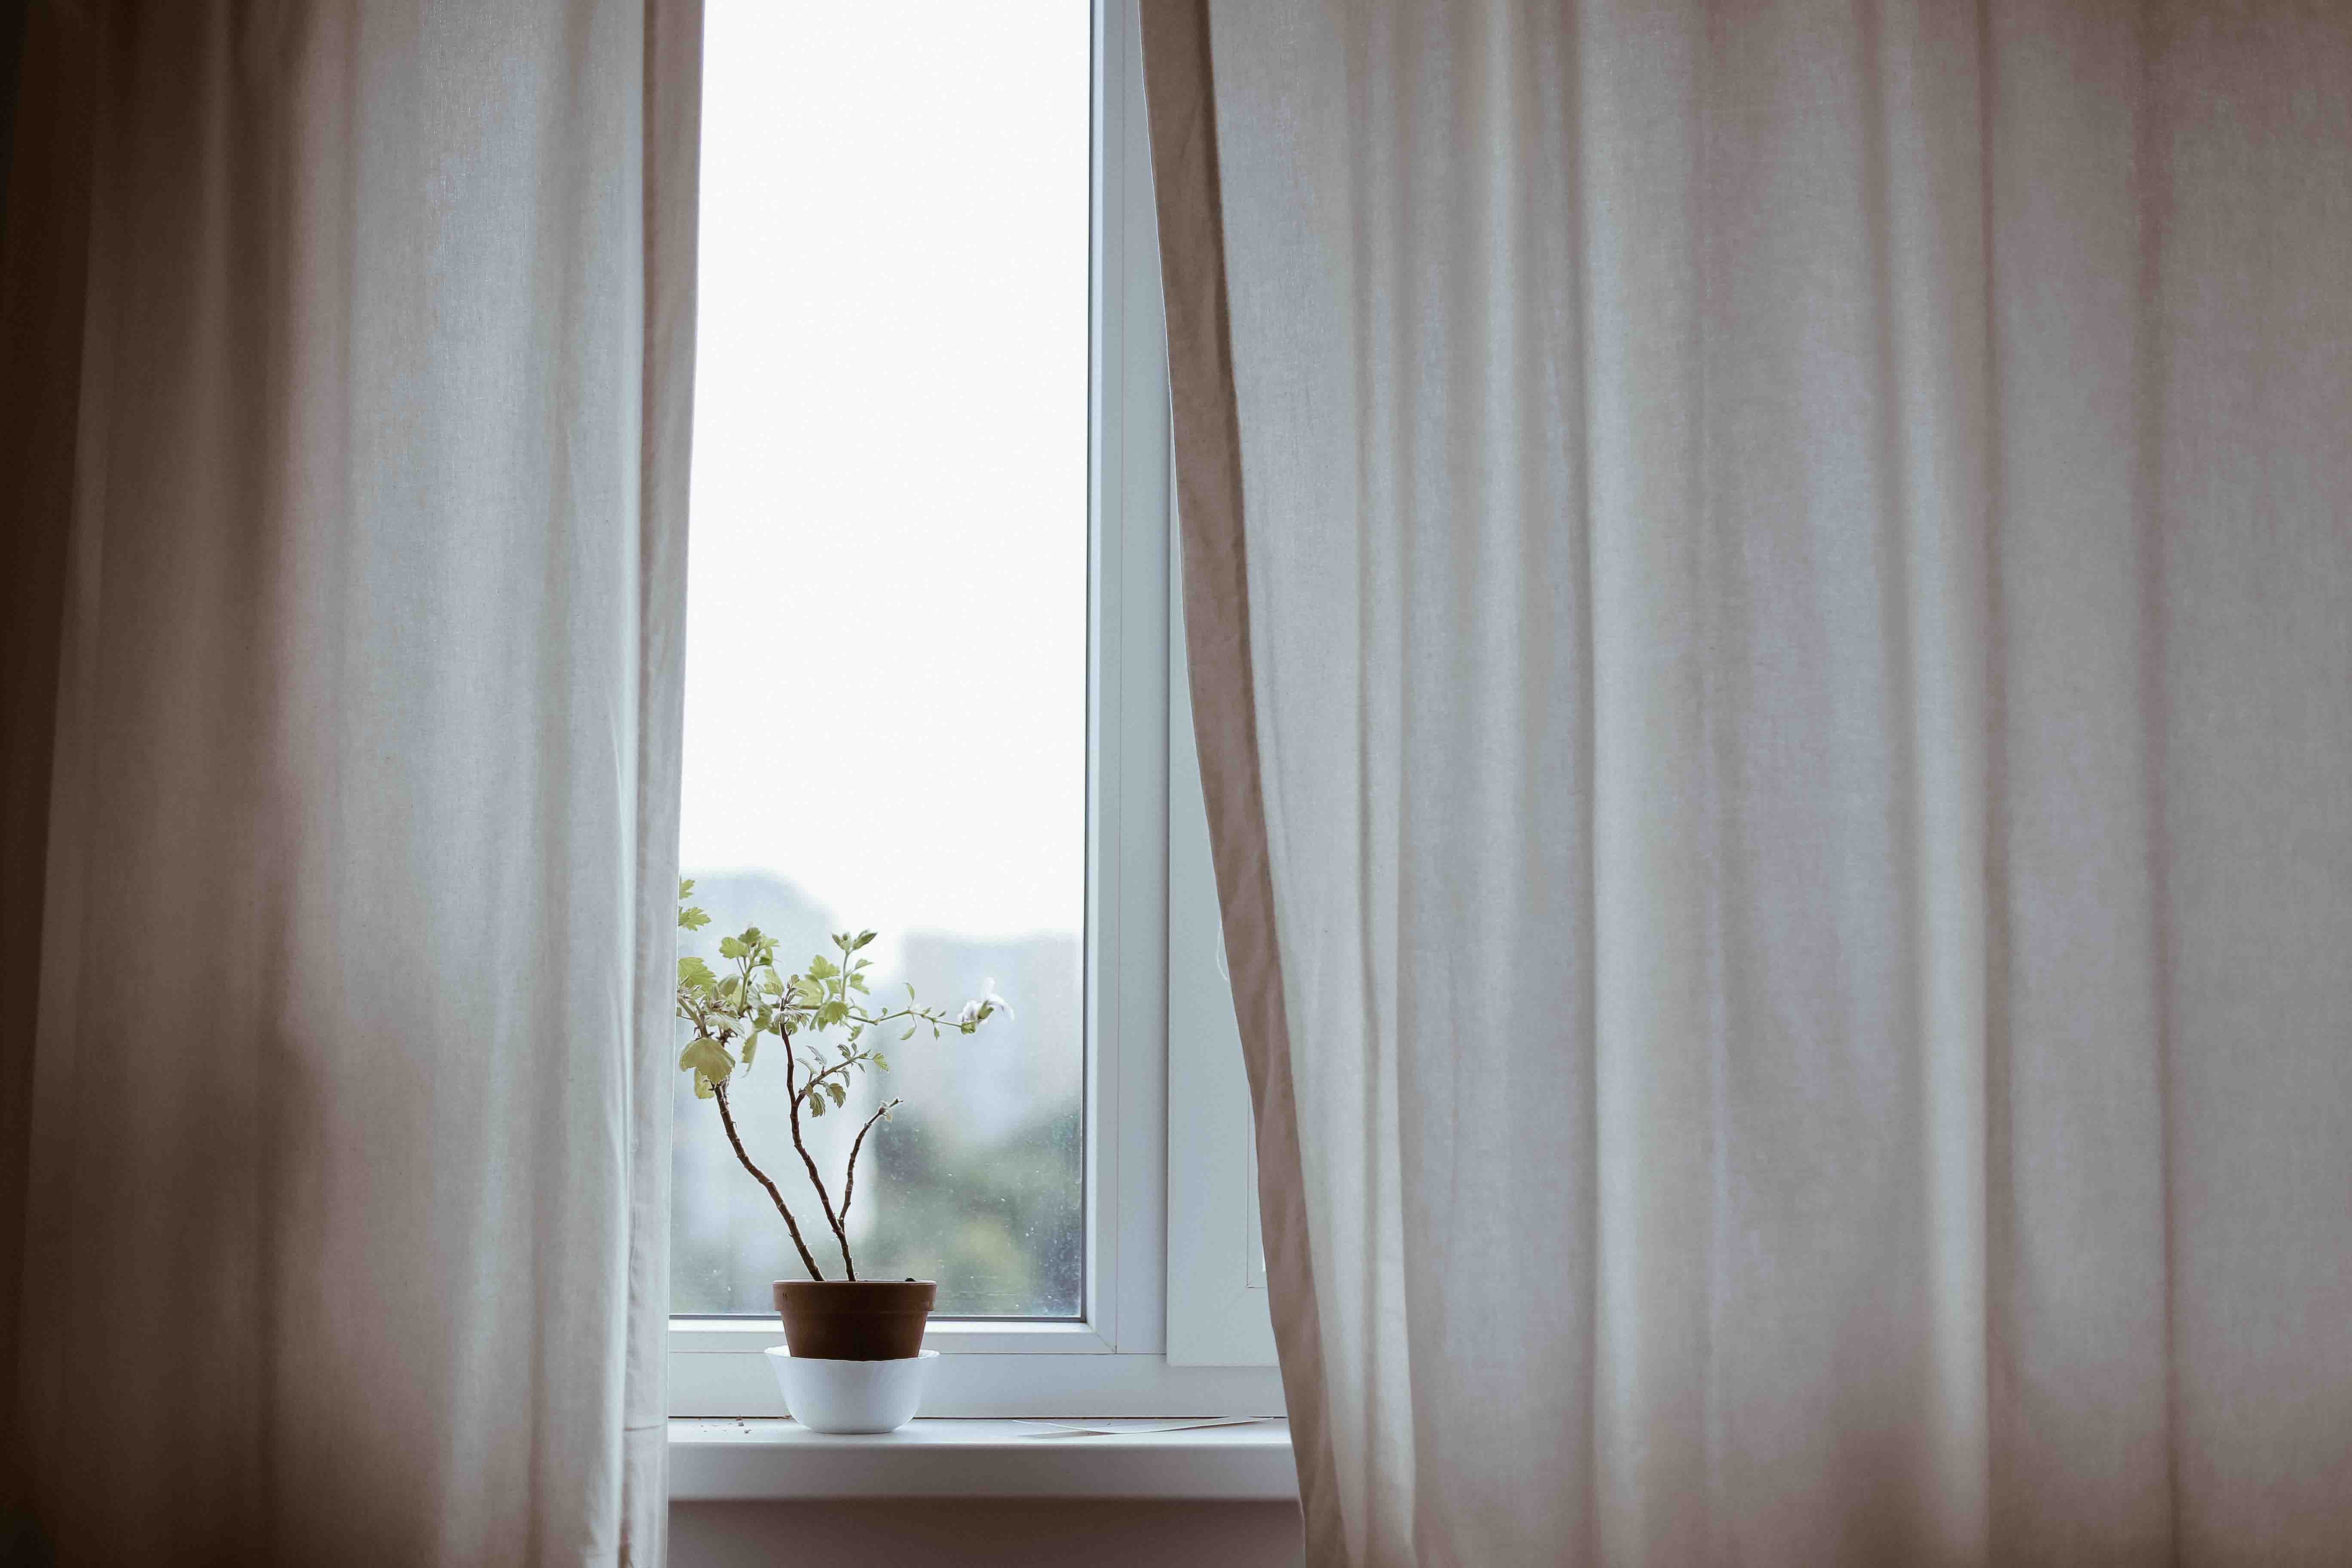 chậu cây bên khung cửa sổ